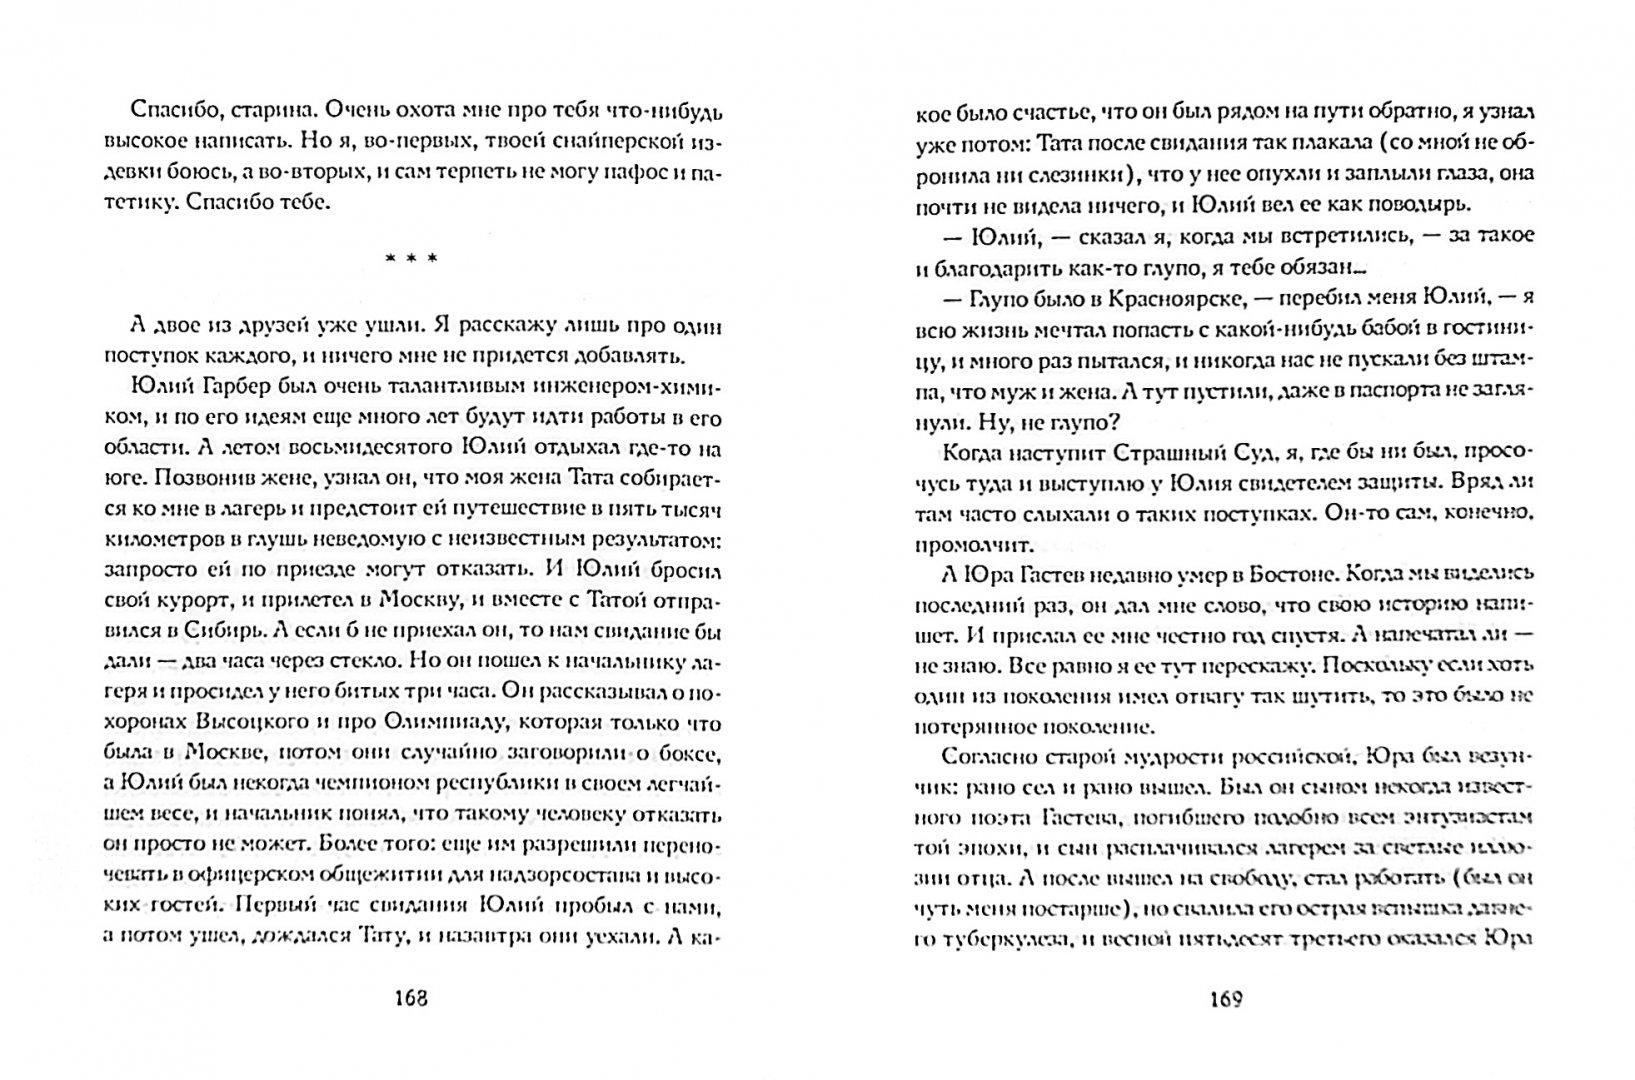 Иллюстрация 1 из 29 для Собрание сочинений в 4-х т. Пожилые записки. Вечерний звон. Книга странствий. Прогулки вокруг барака - Игорь Губерман | Лабиринт - книги. Источник: Лабиринт